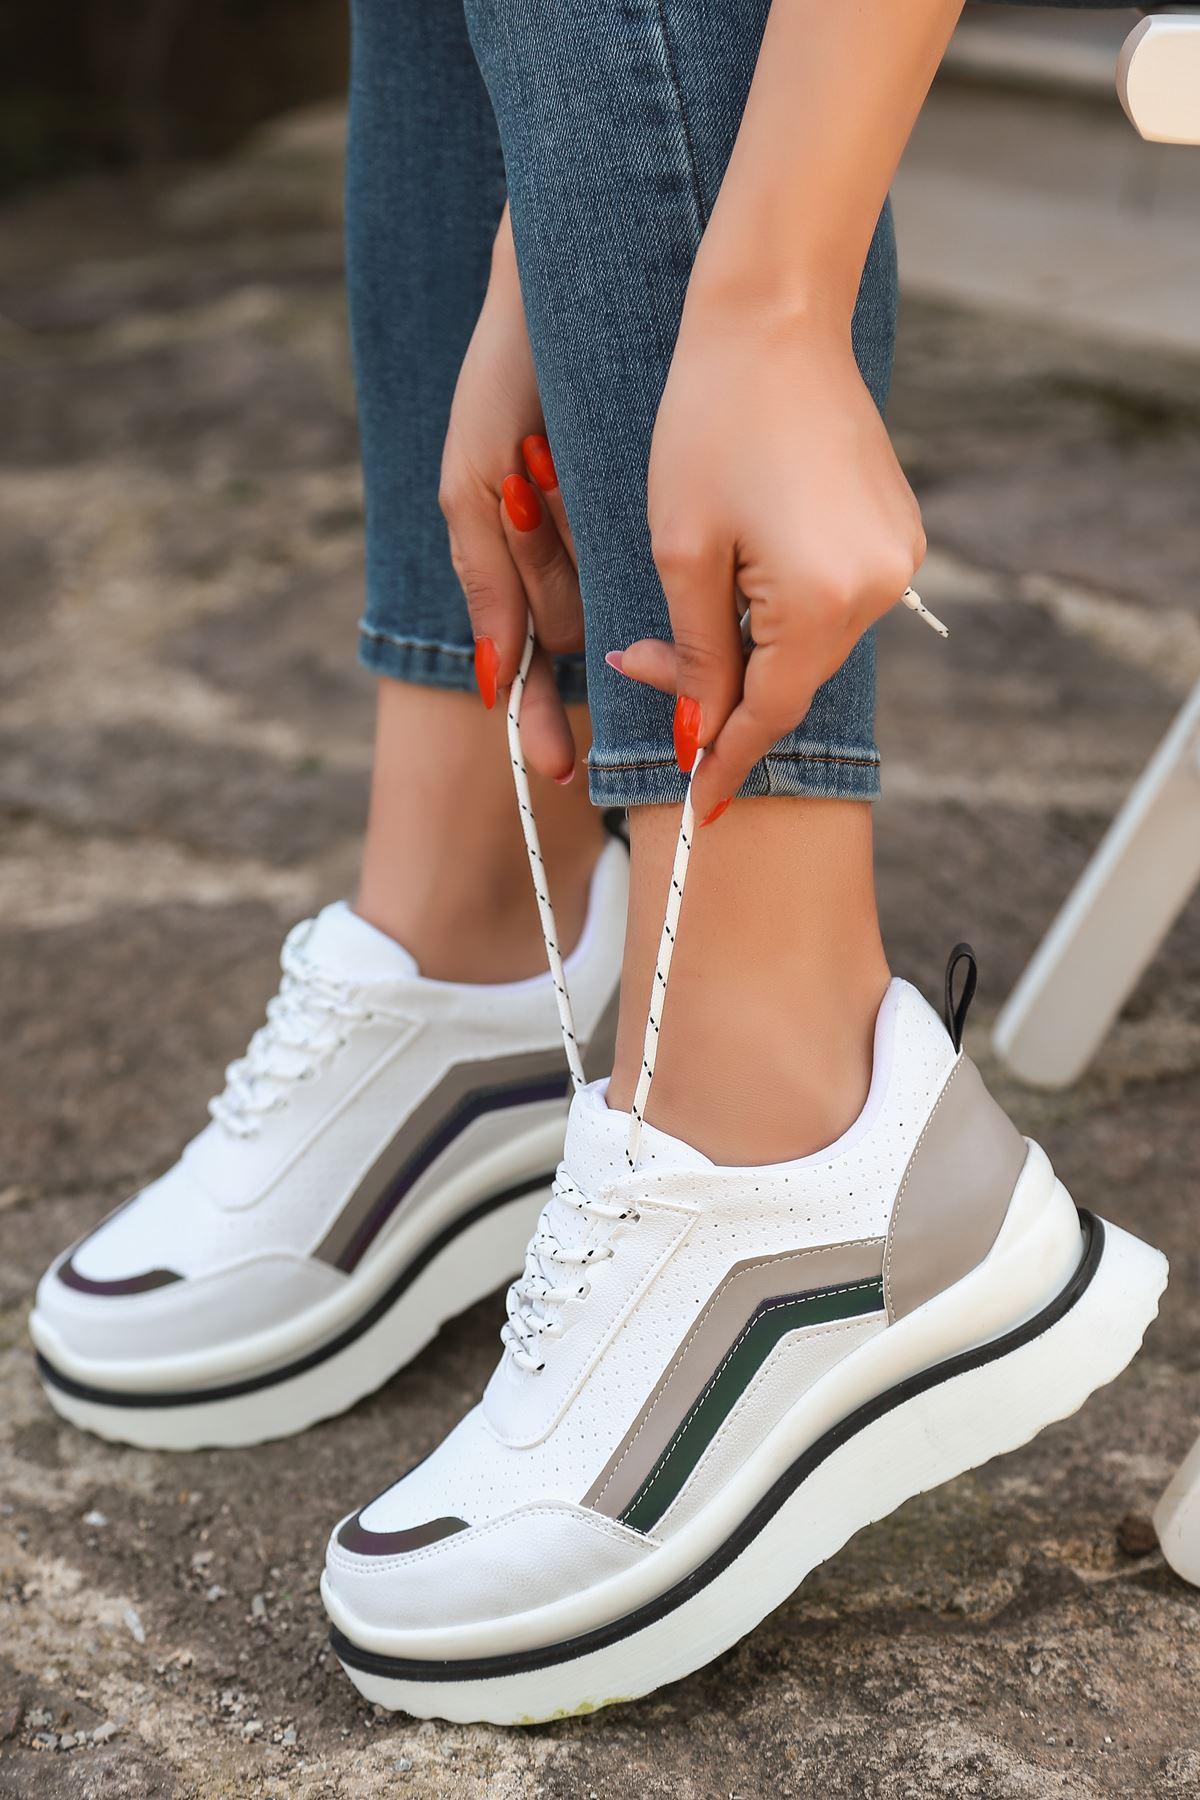 Kartel Bağcık Detaylı Delikli Hologramlı Gri Parçalı Kadın Spor Ayakkabı